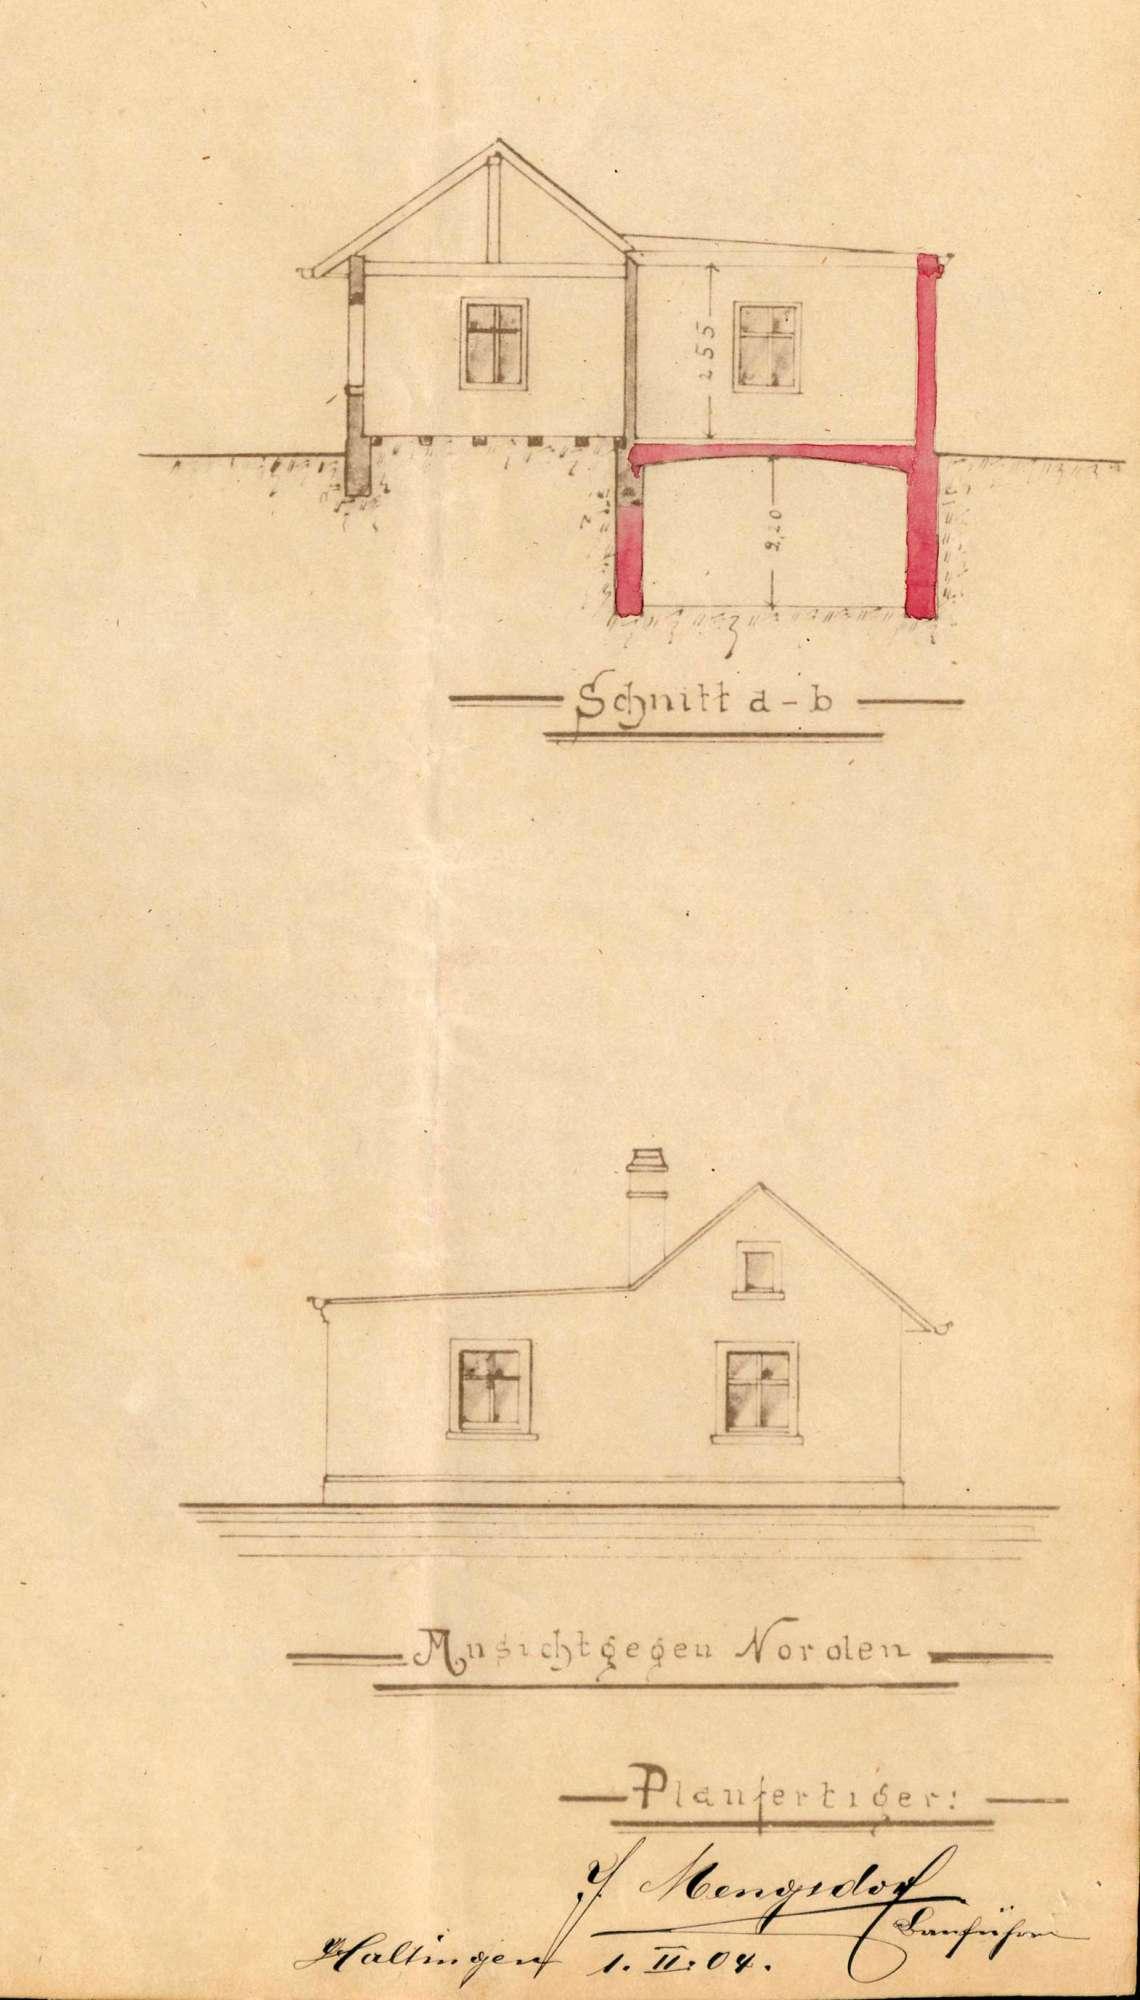 Antrag des Ernst Mengsdorf auf Genehmigung zum Bau eines Anbaus an sein bestehendes Wohnhaus in Efringen, Bild 3